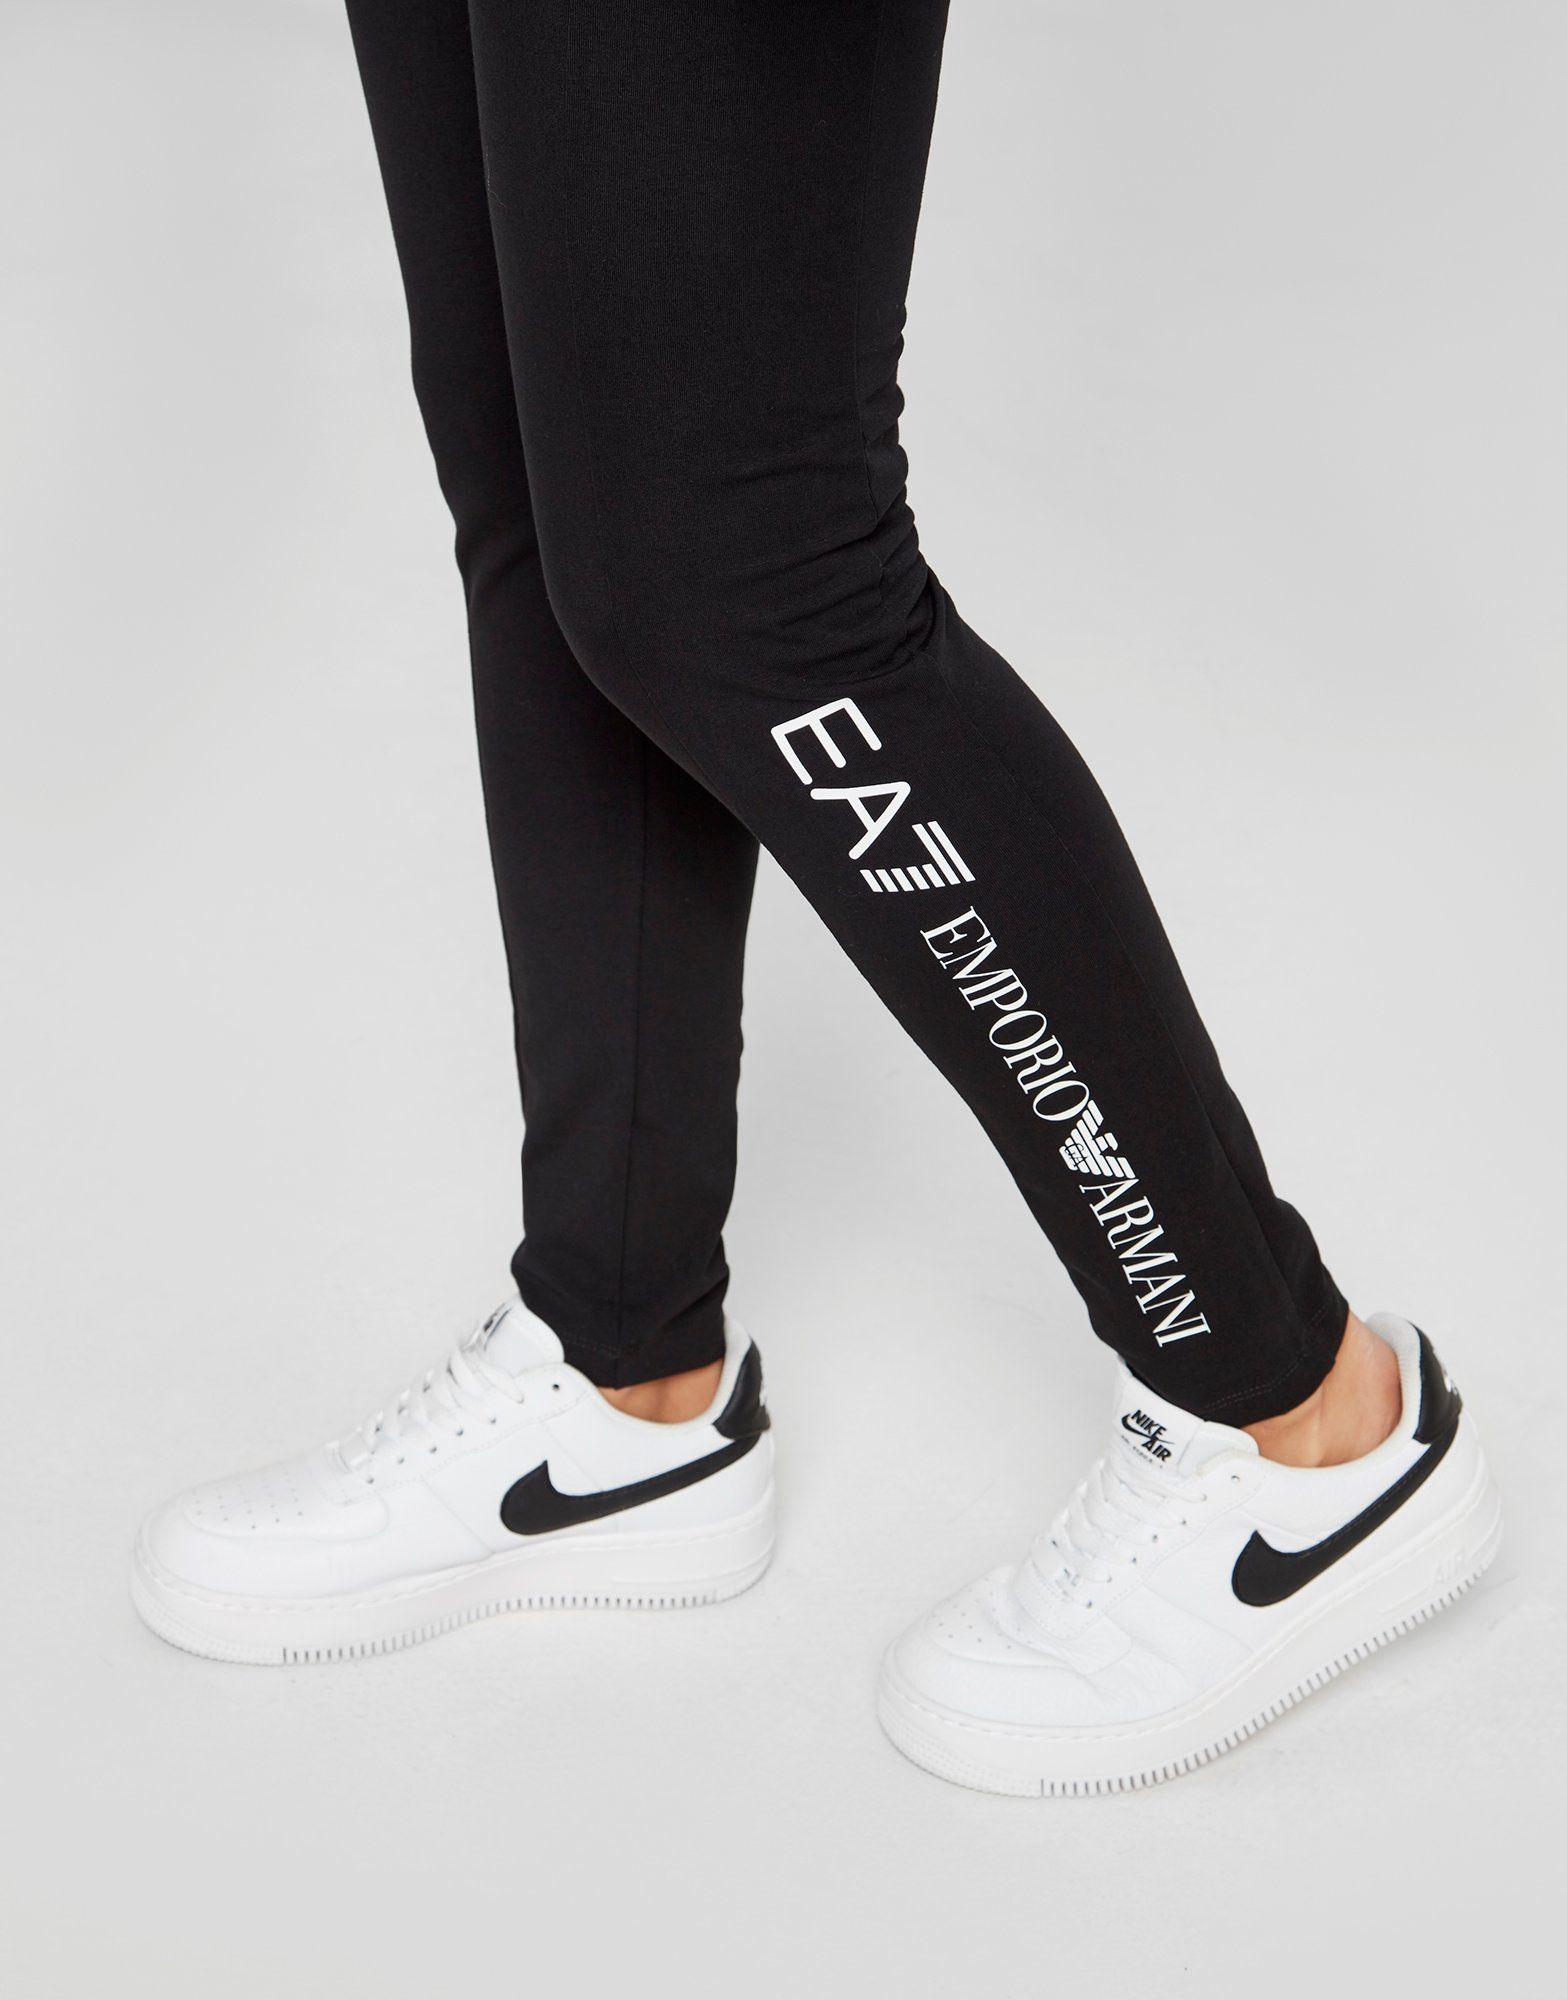 Emporio Armani EA7 Leggings